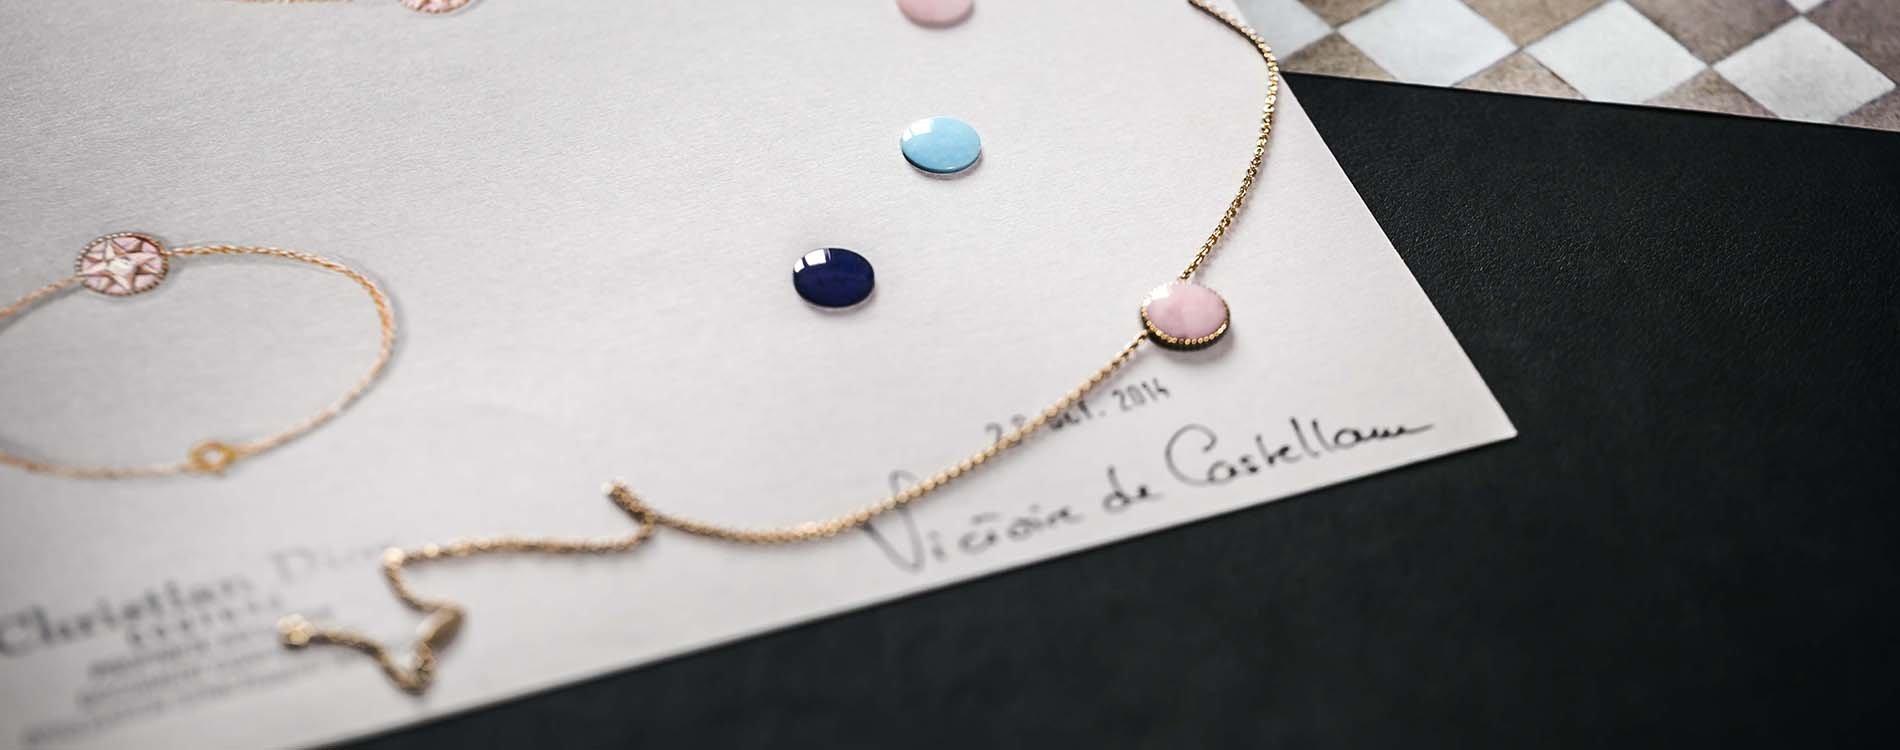 La rosa de los vientos en la joyería de Dior